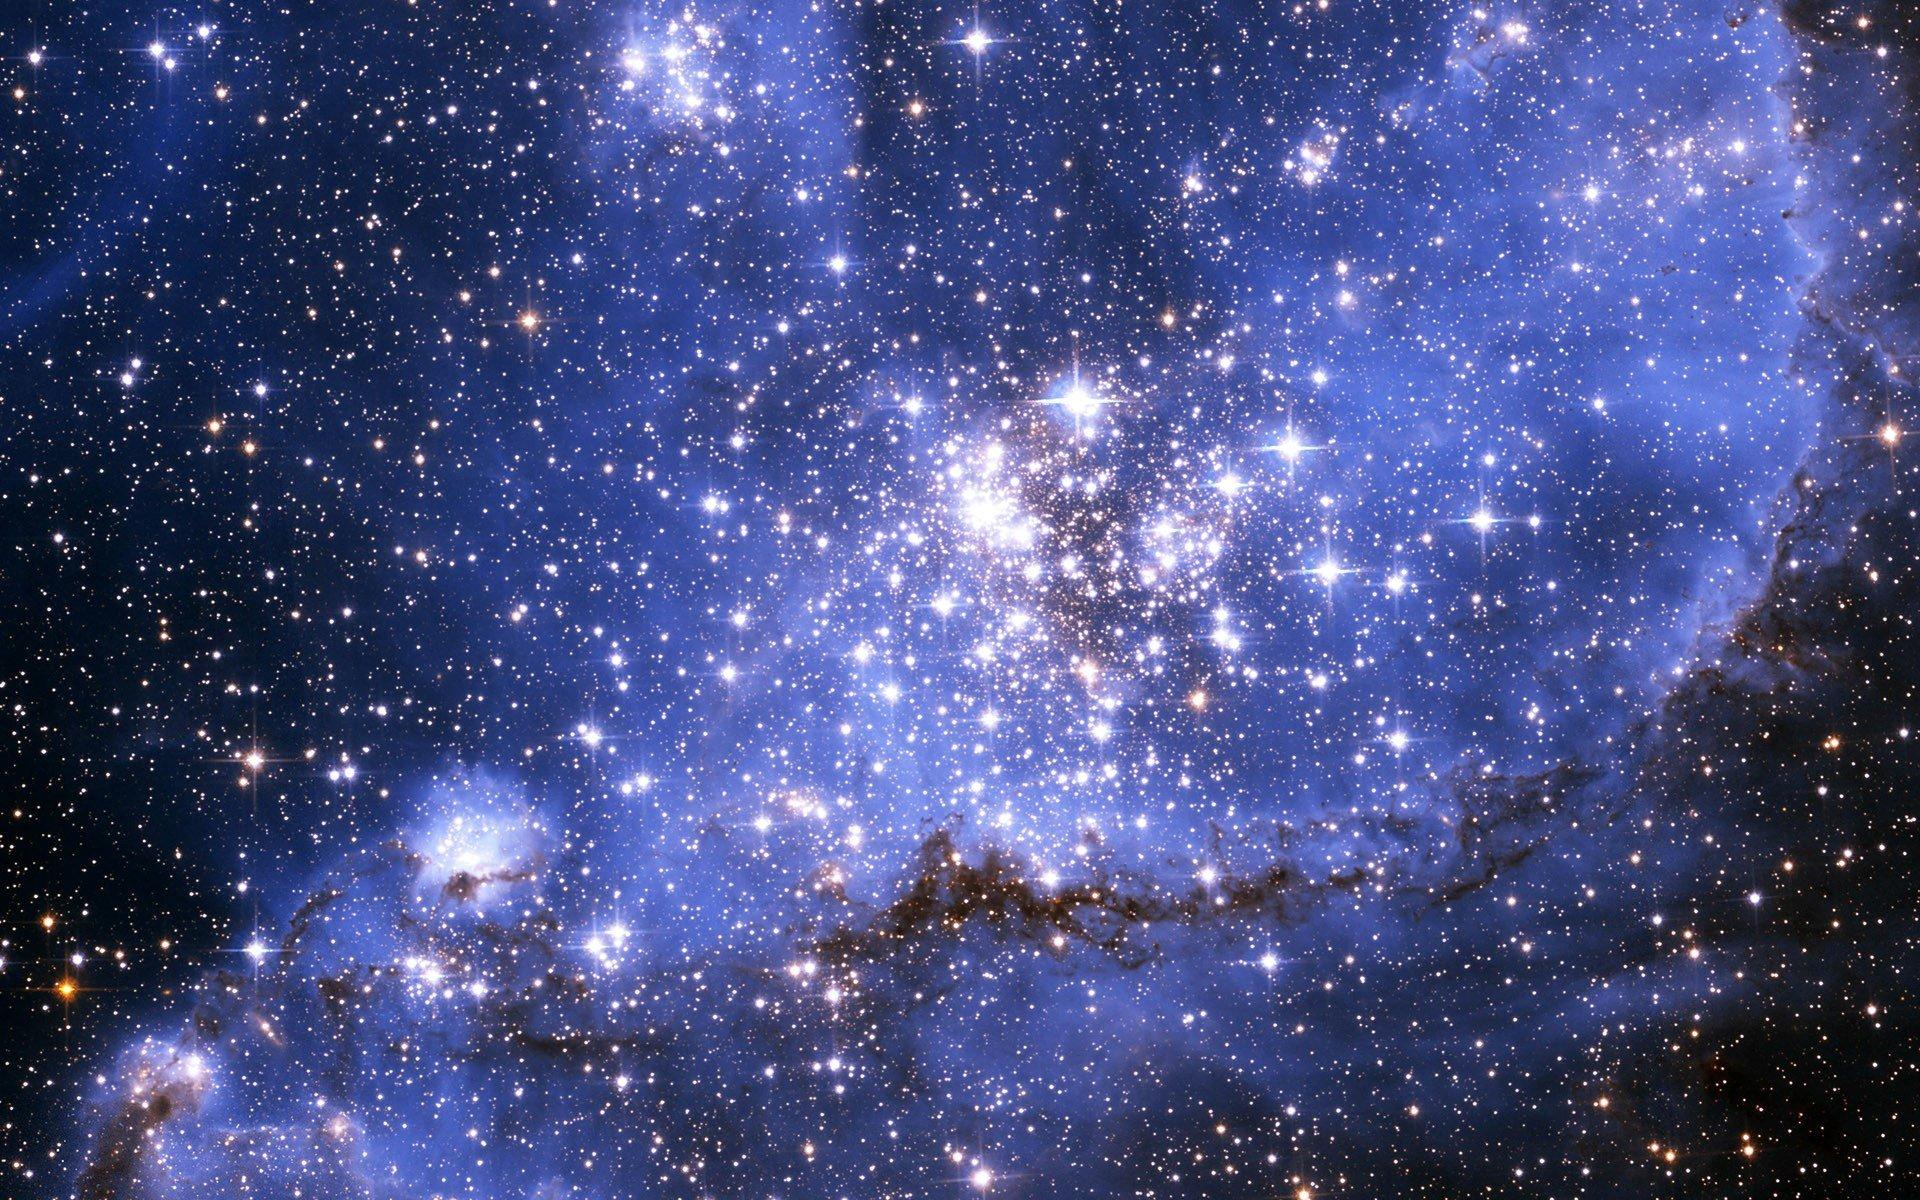 сложным при все красивые картинки звезд репейное